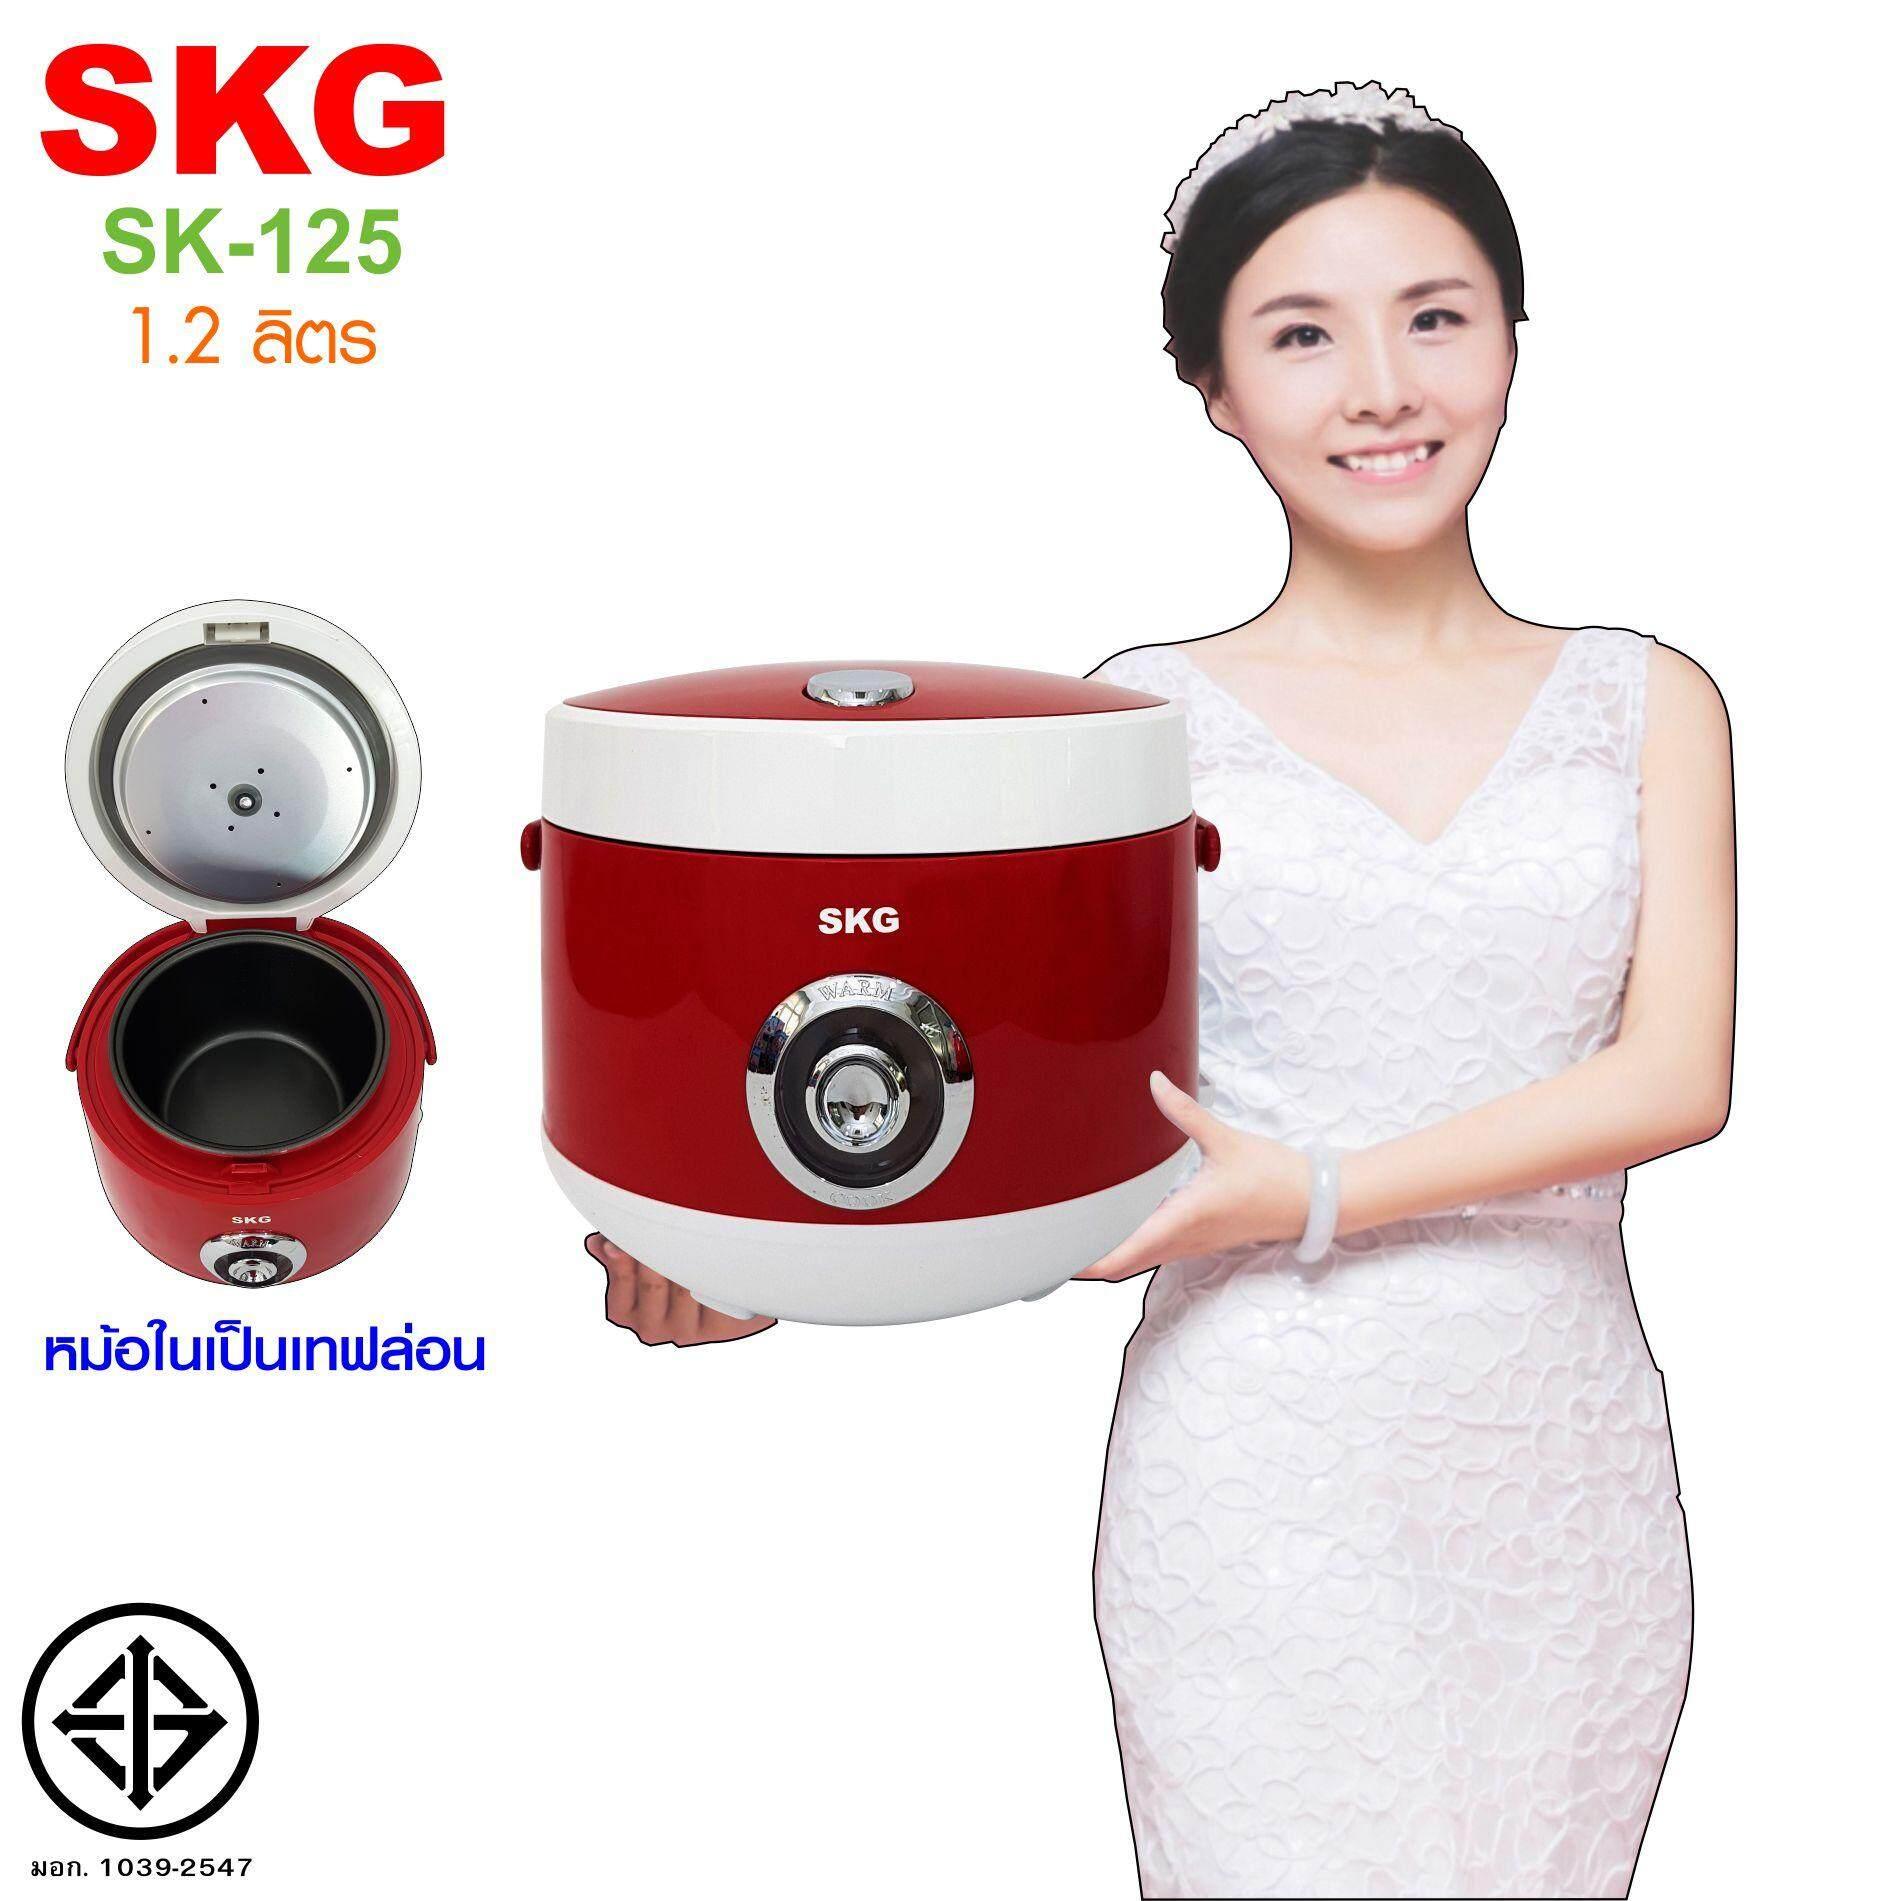 SKG หม้อหุงข้าวอุ่นทิพย์ 1.2 ลิตร  รุ่น SK-125